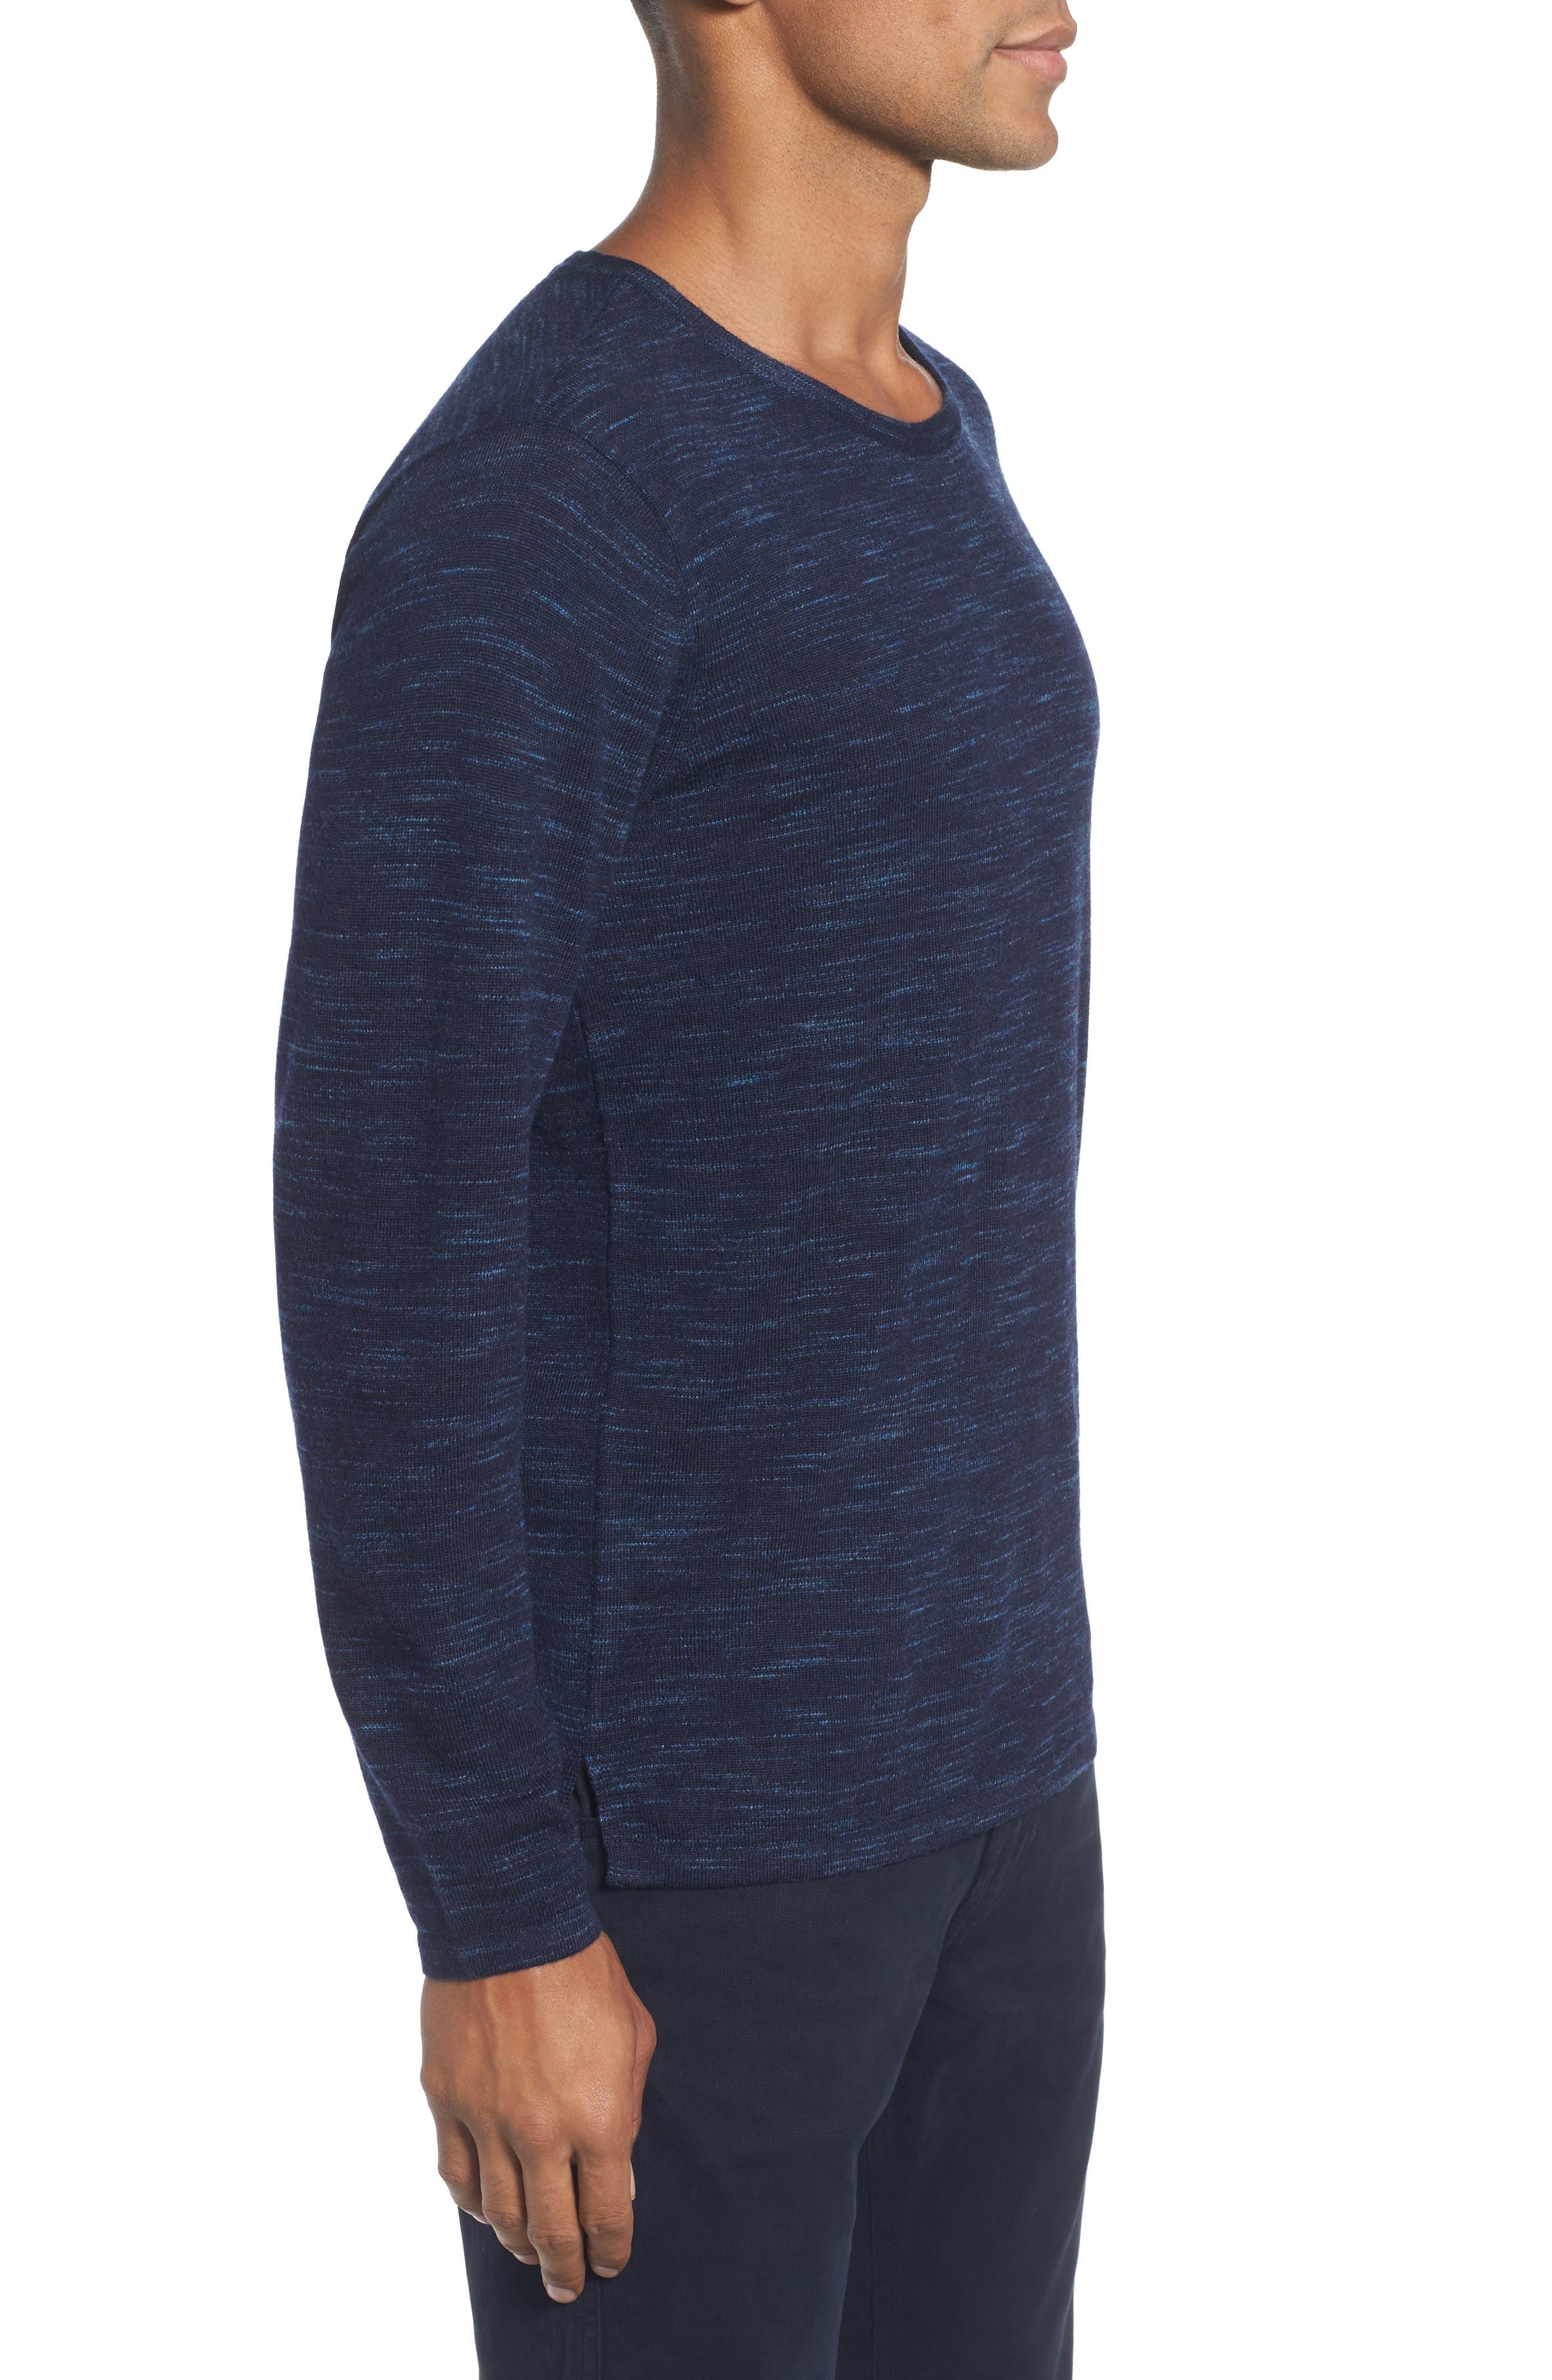 Merino Wool T-Shirt,                             Alternate thumbnail 3, color,                             Stridden Blazer